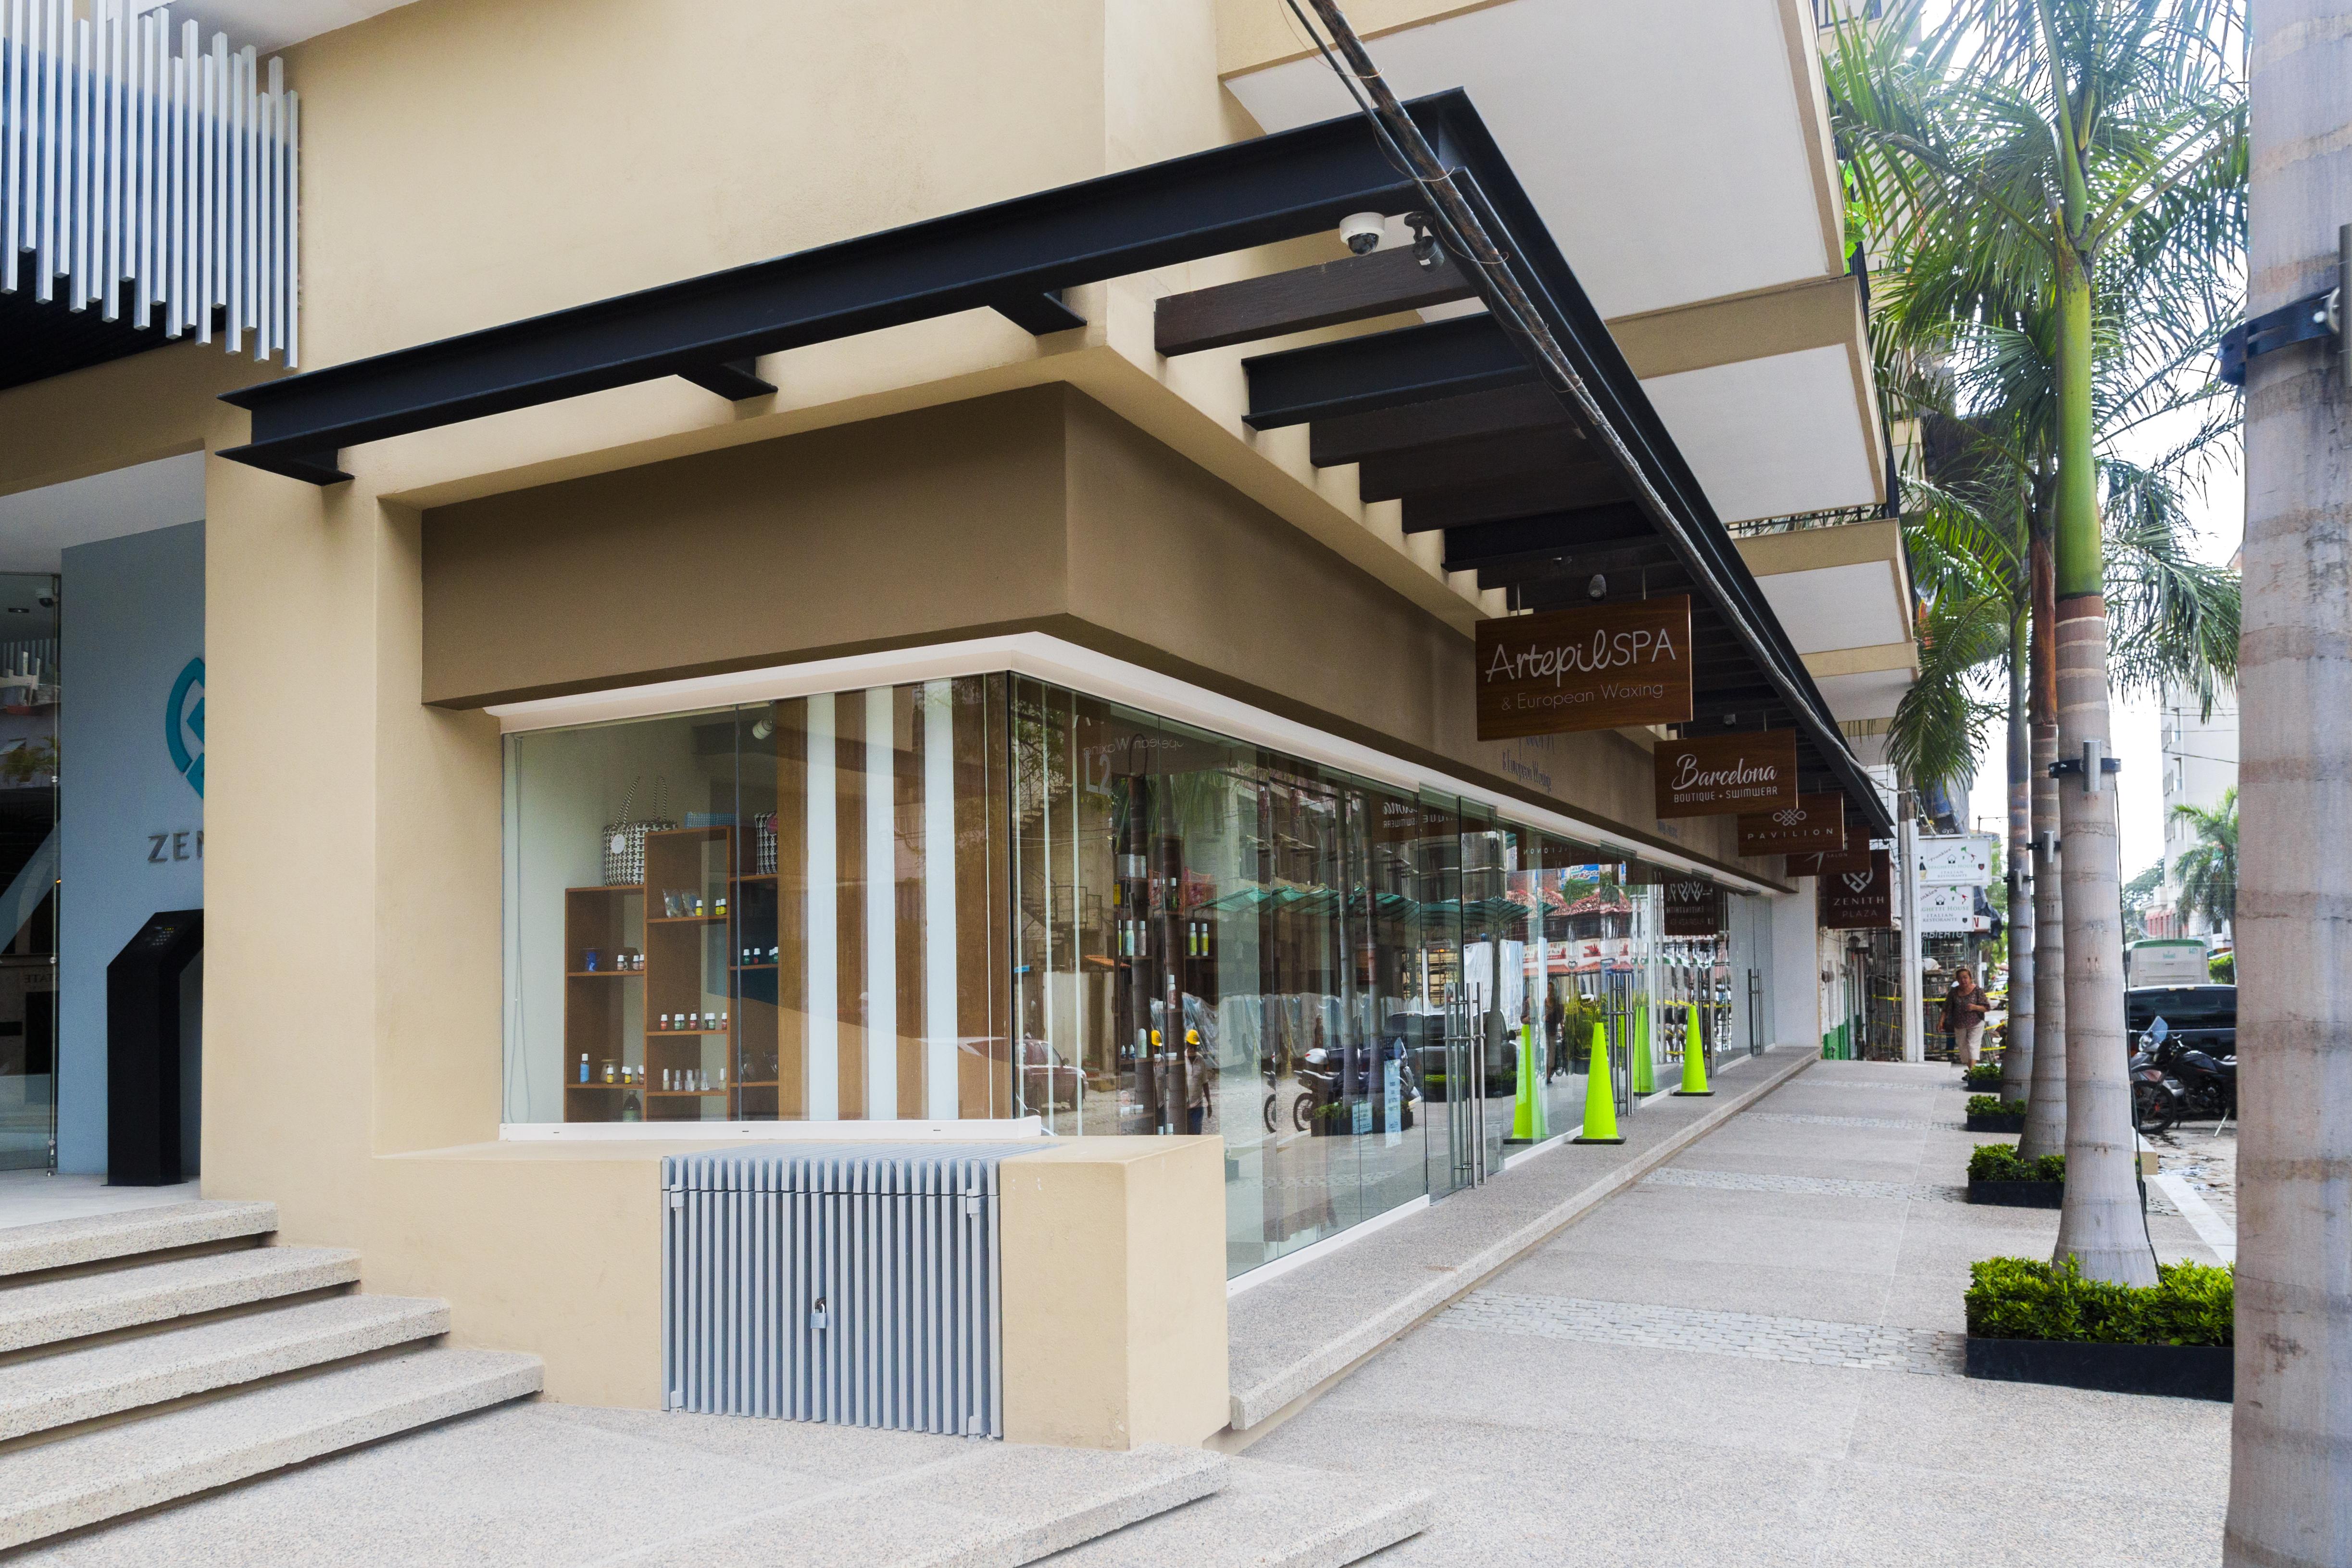 Premises in Shopping Centers vs Condominium Commercial Spaces